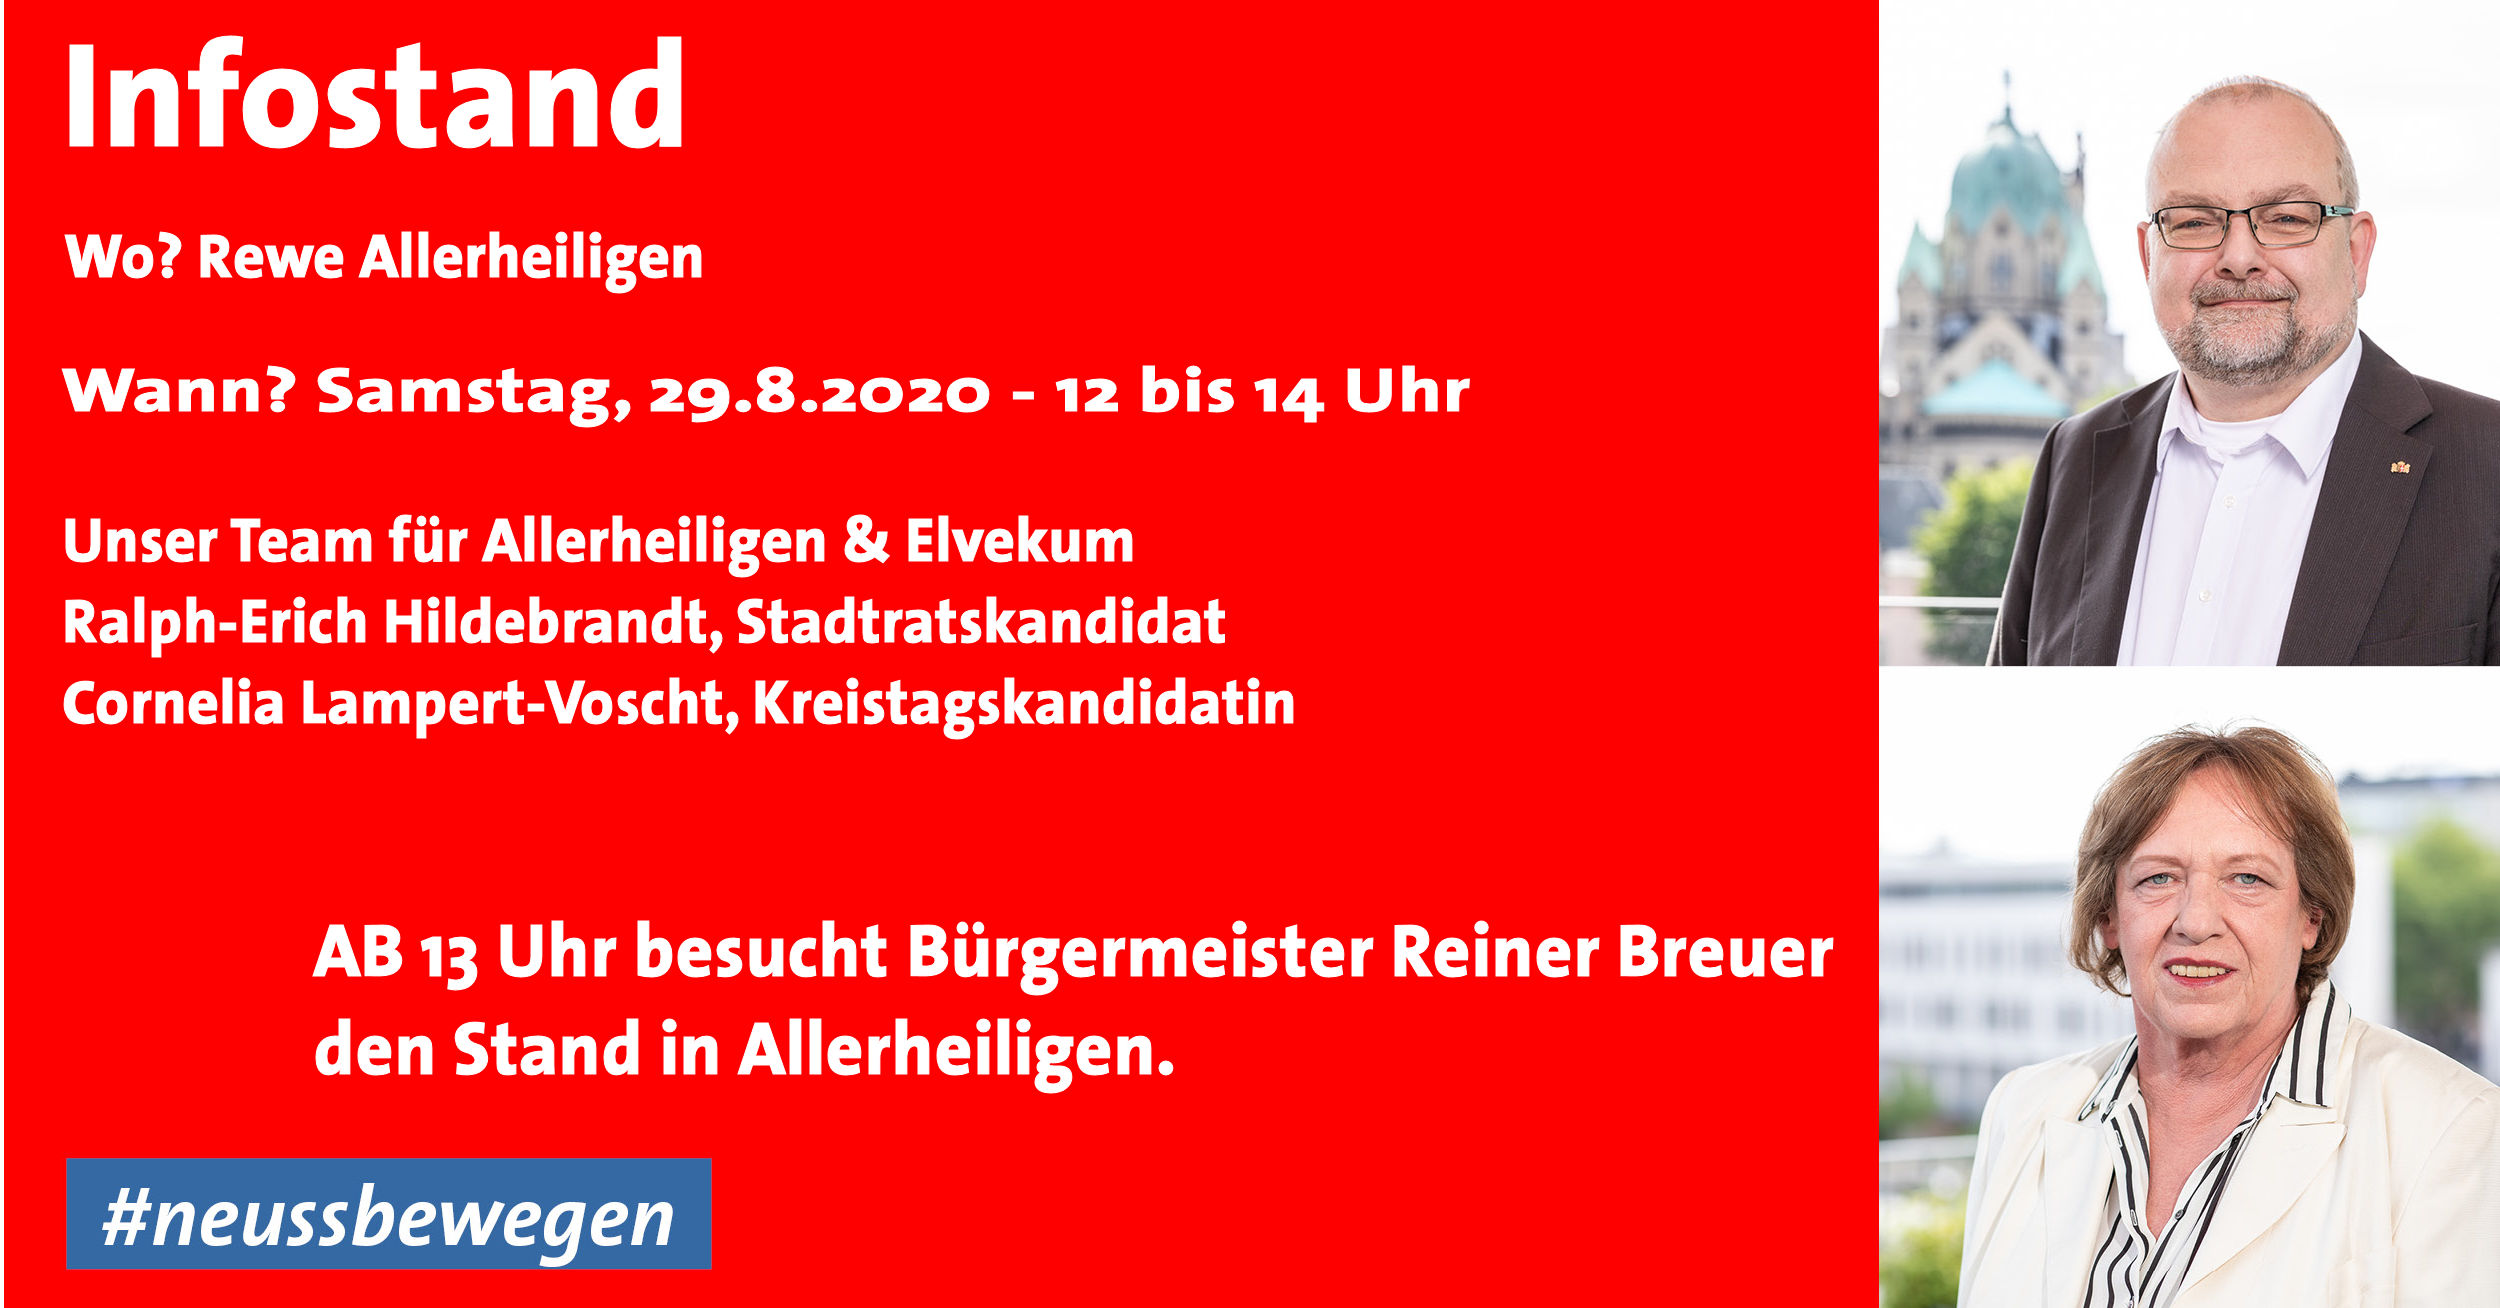 Infostand am 29.8.2020 von 12 bis 14 - ab 13 Uhr mit Bürgermeister Reiner Breuer